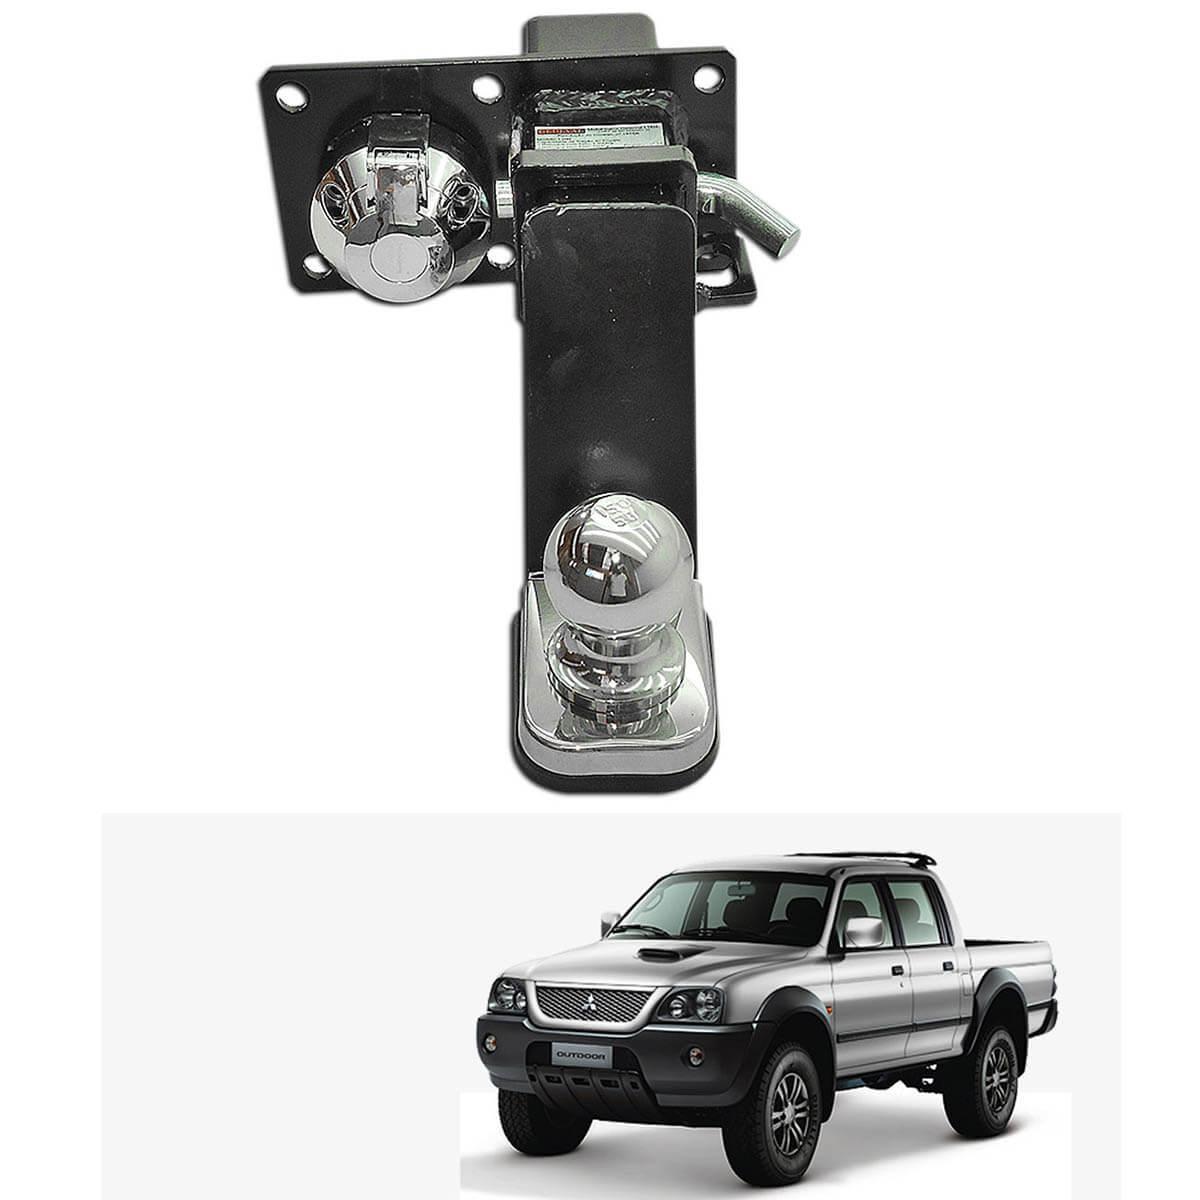 Engate de reboque L200 Sport 2004 a 2007 ou L200 Outdoor 2007 a 2012 removível 1500 Kg